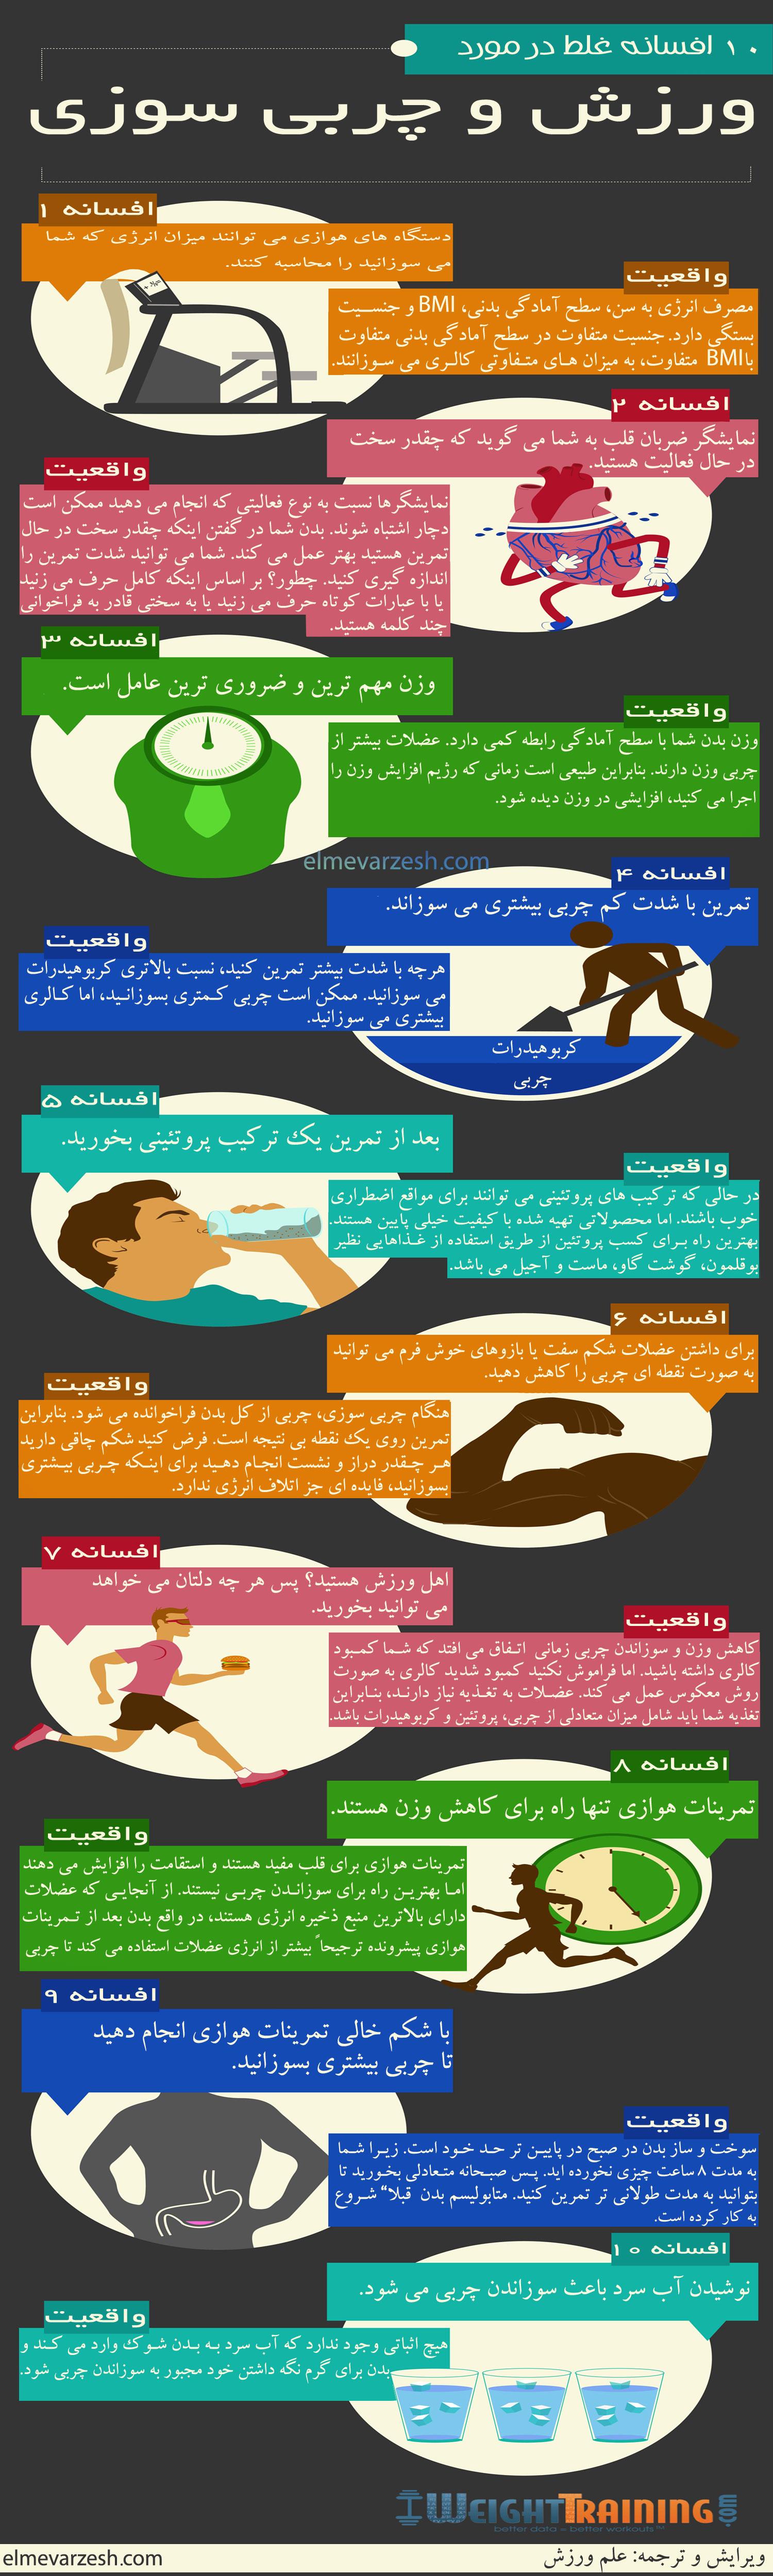 اینفوگرافی: 10 افسانه غلط در مورد ورزش و چربی سوزی